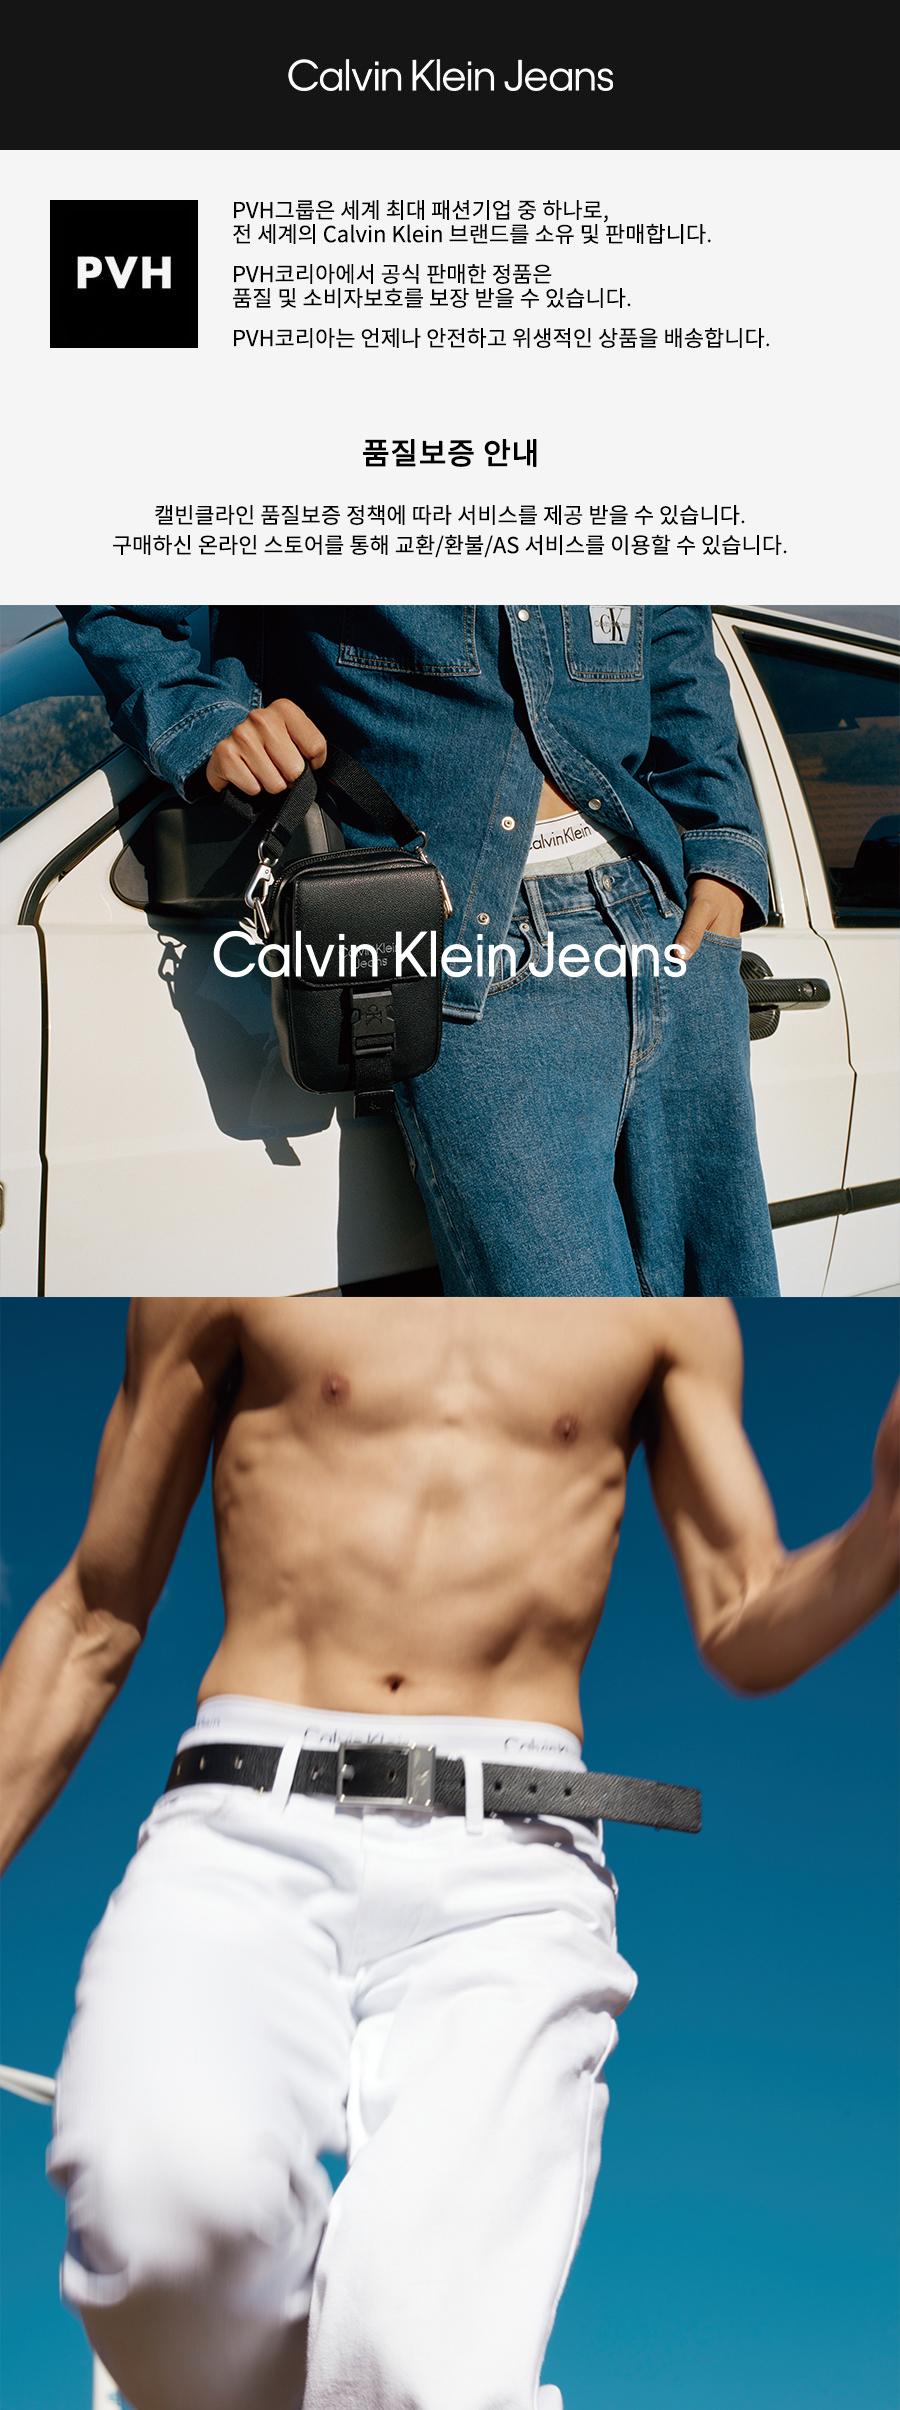 캘빈클라인 진(CALVIN KLEIN JEANS) HC0462D7900 001 블랙  벨트